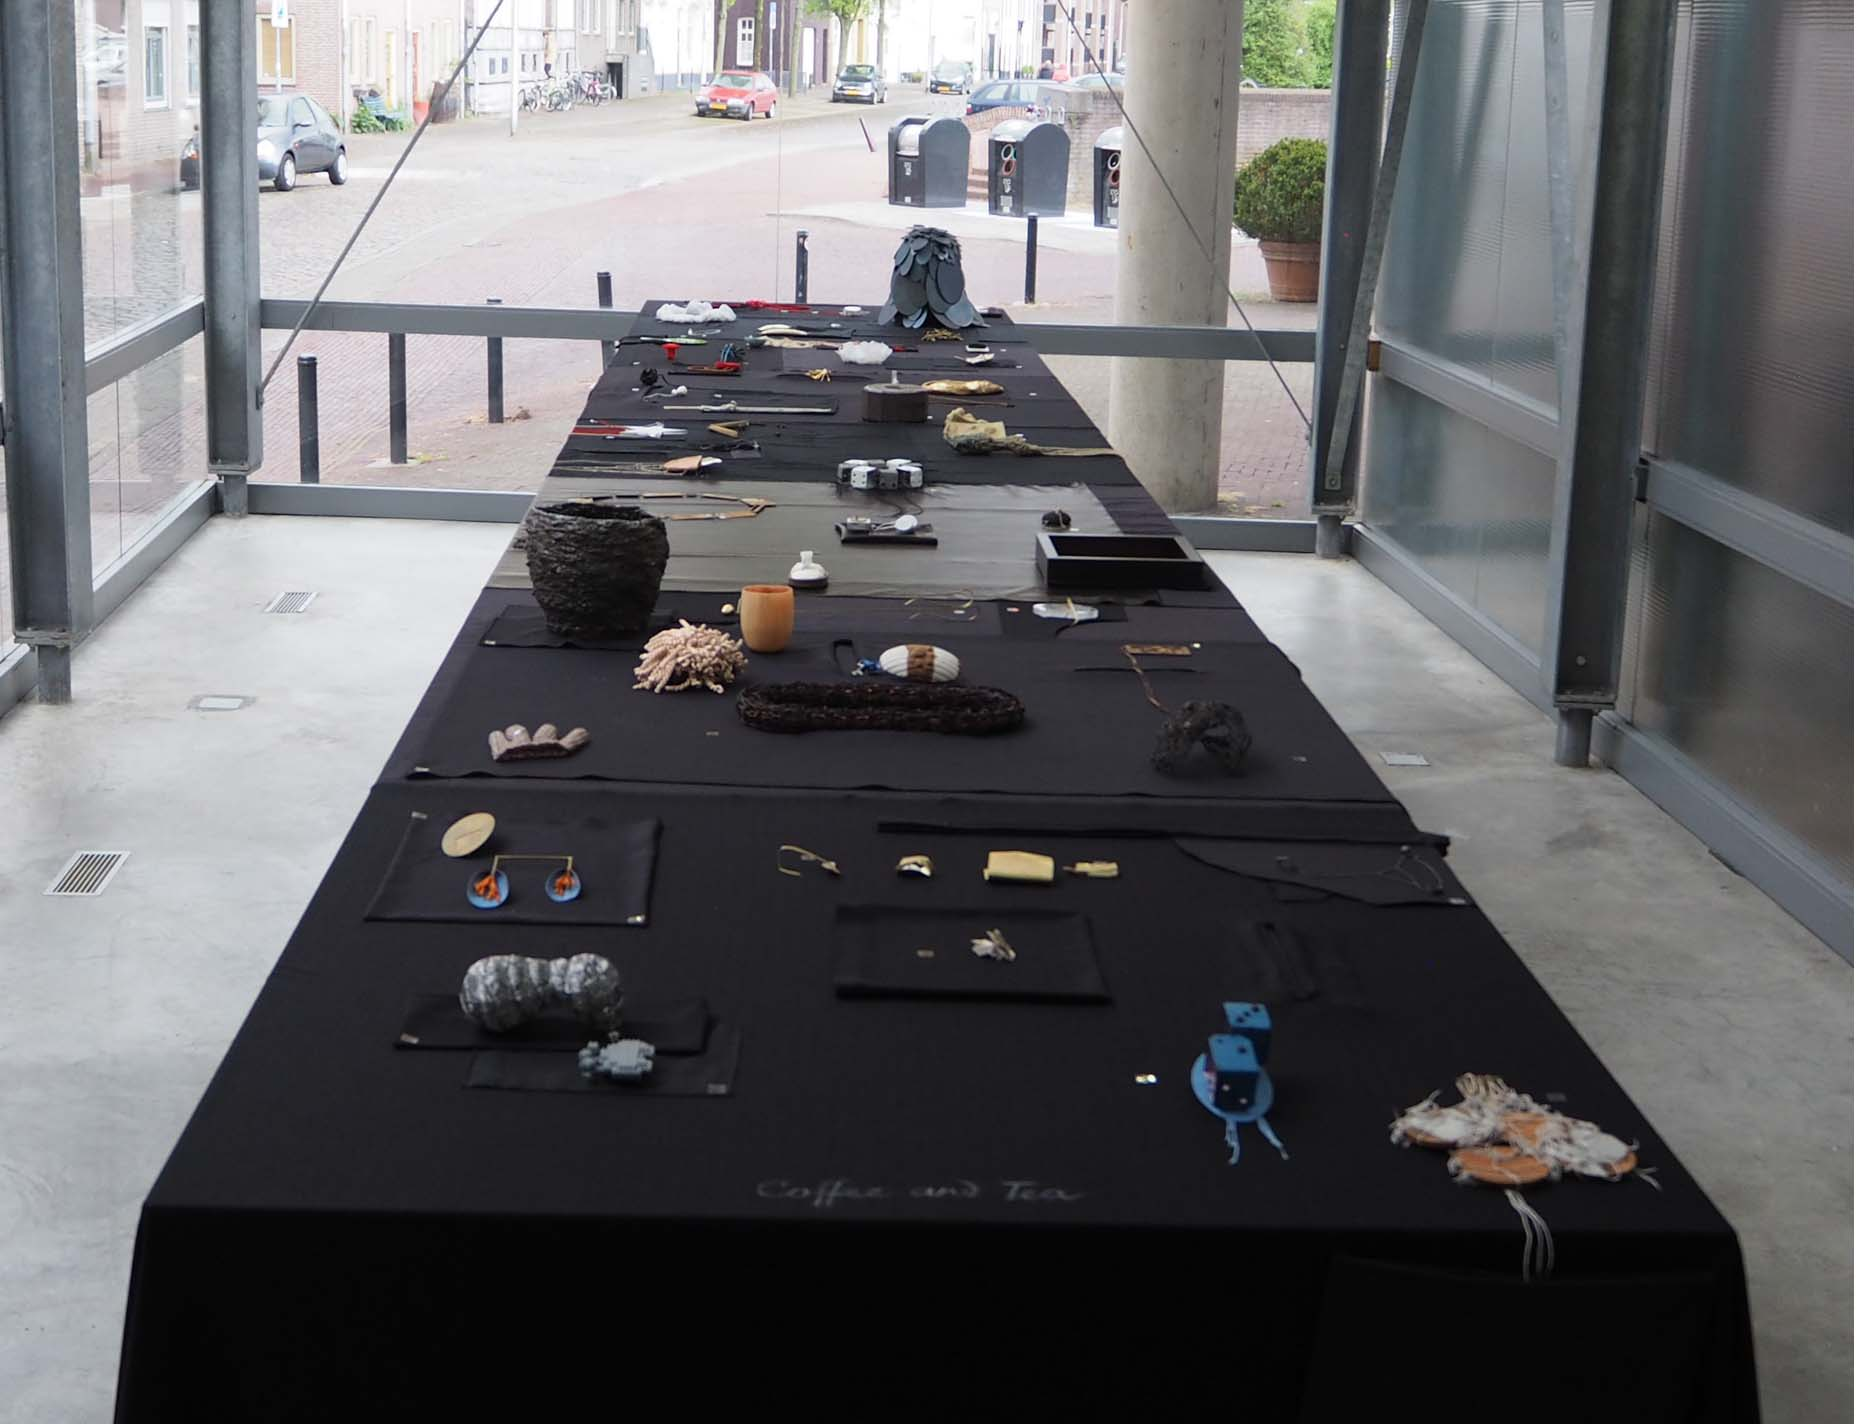 Galerie Marzee Nijmegen expositie o.a. Marzee Graduate Prize en Marzee Prize © Wilma Lankhorst